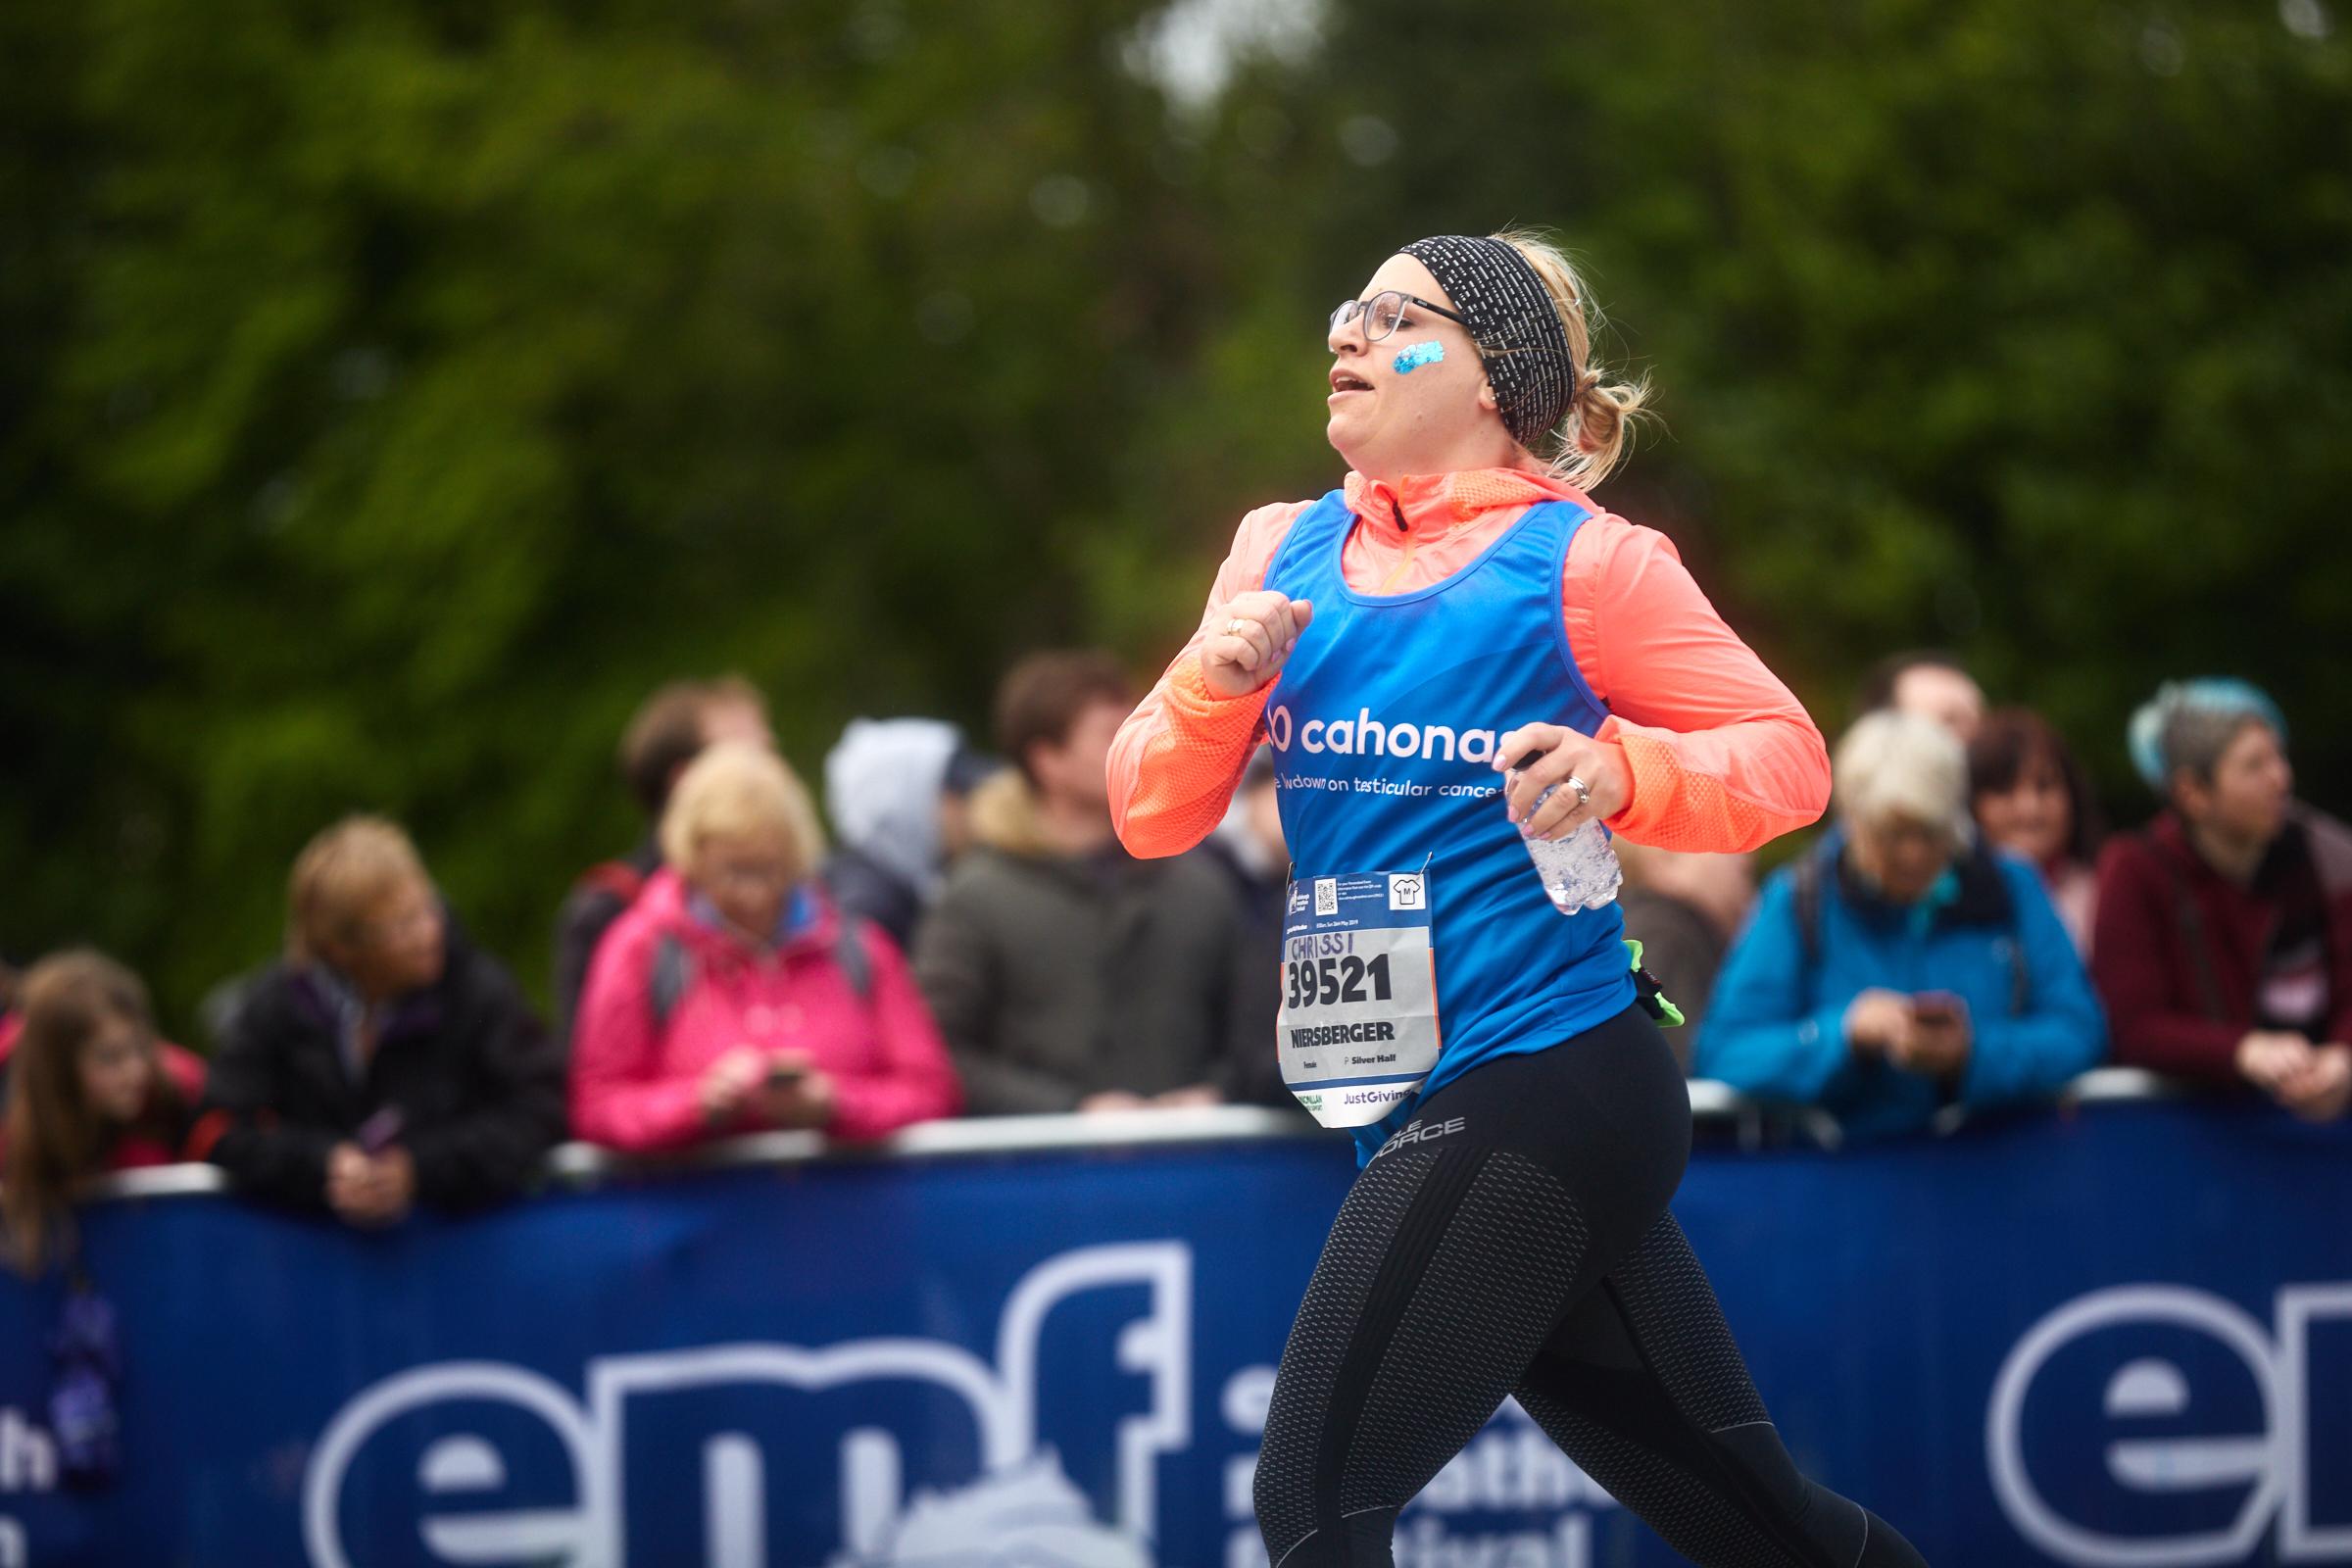 cahonas-halfmarathon-highrezmay 26 2019 23.JPG